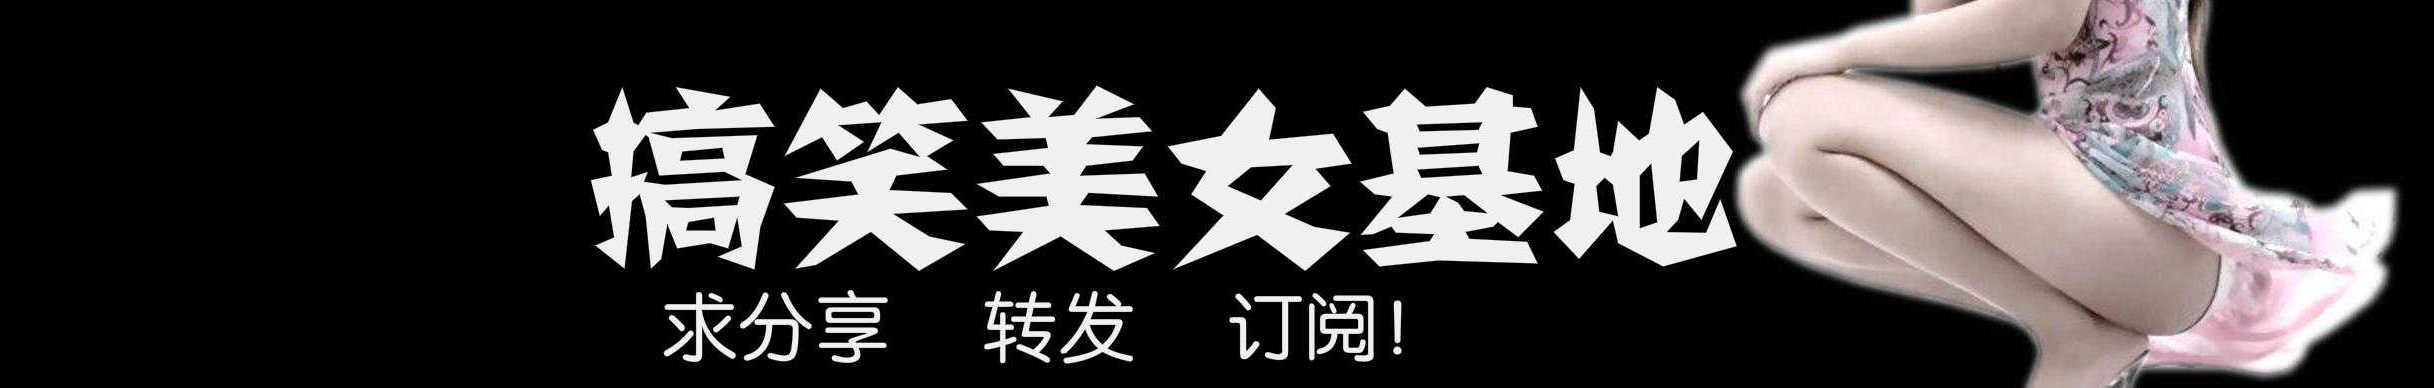 搞笑美女基地 banner